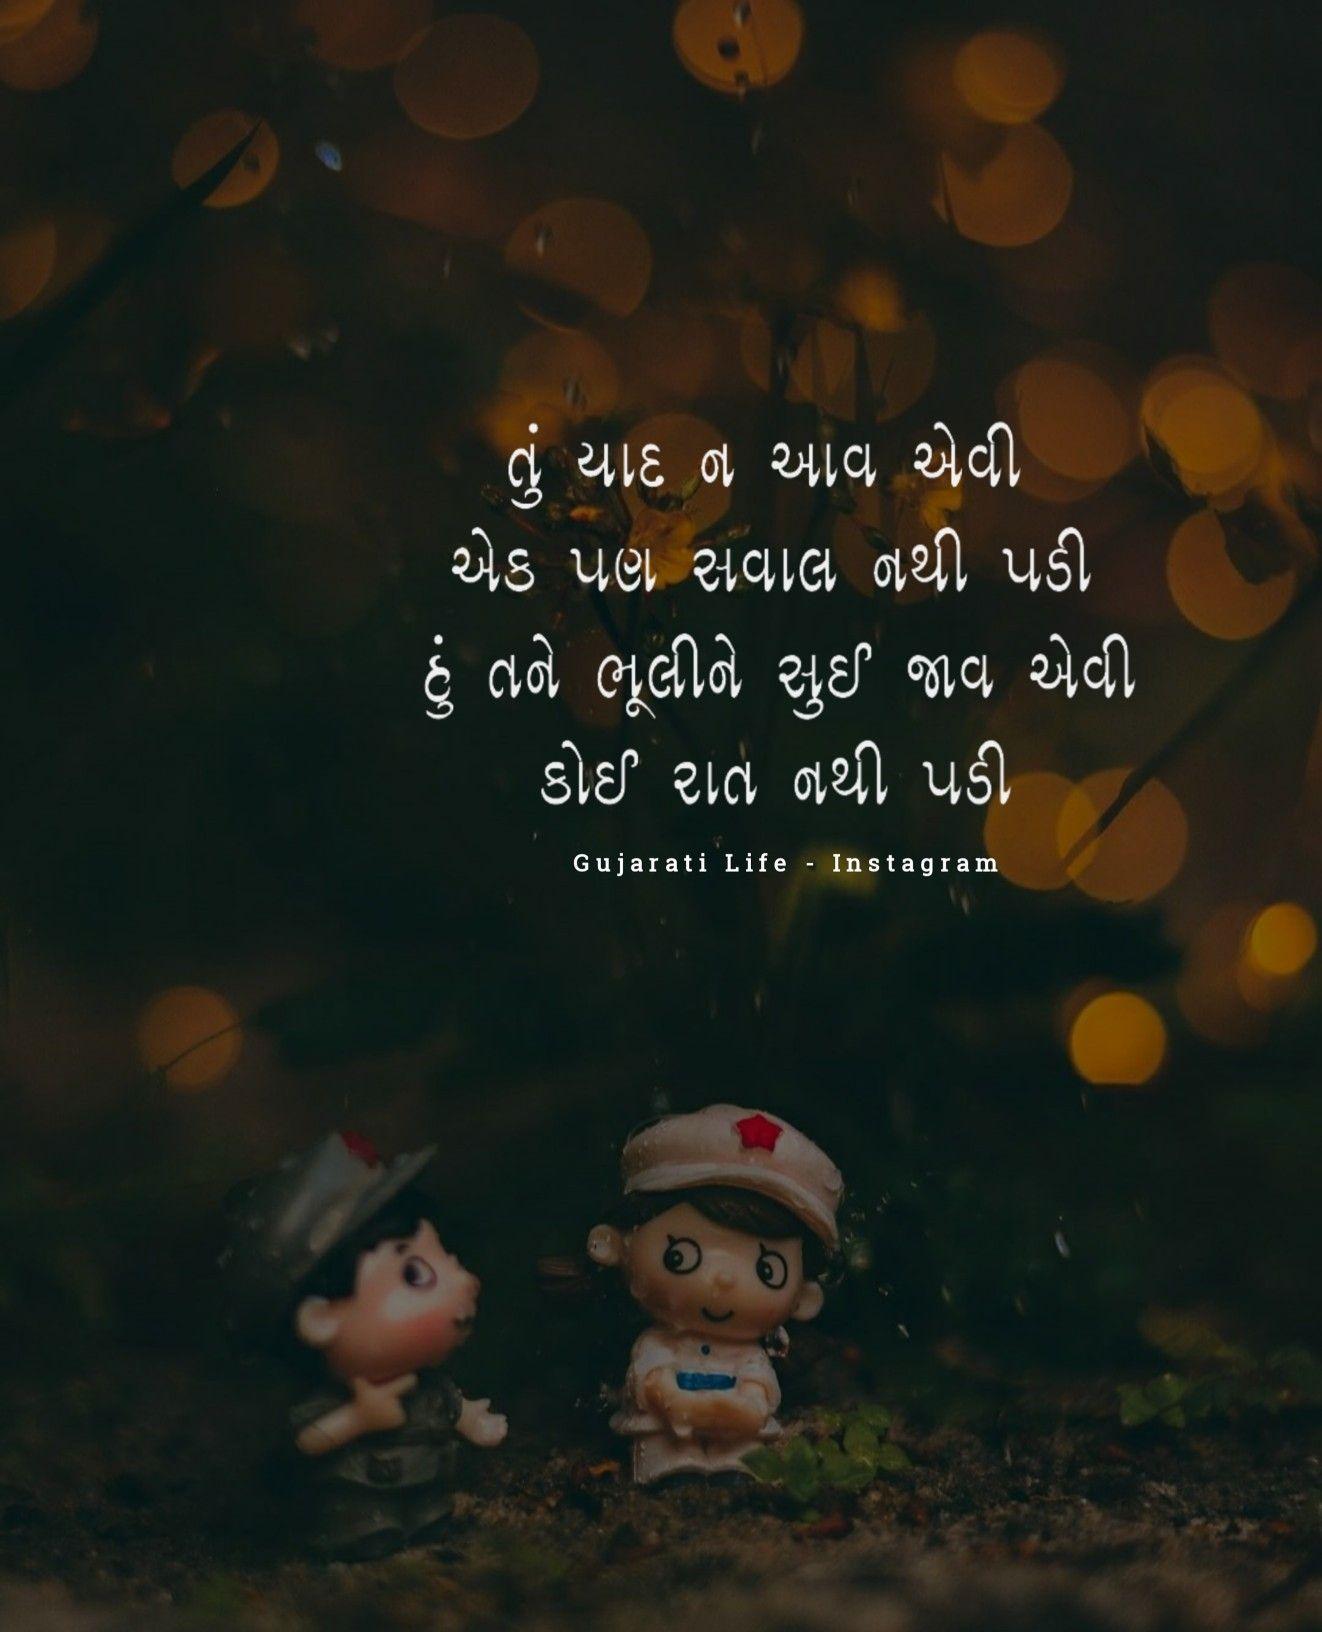 Gujarati Quotes in 2020 Gujarati quotes, Life lesson